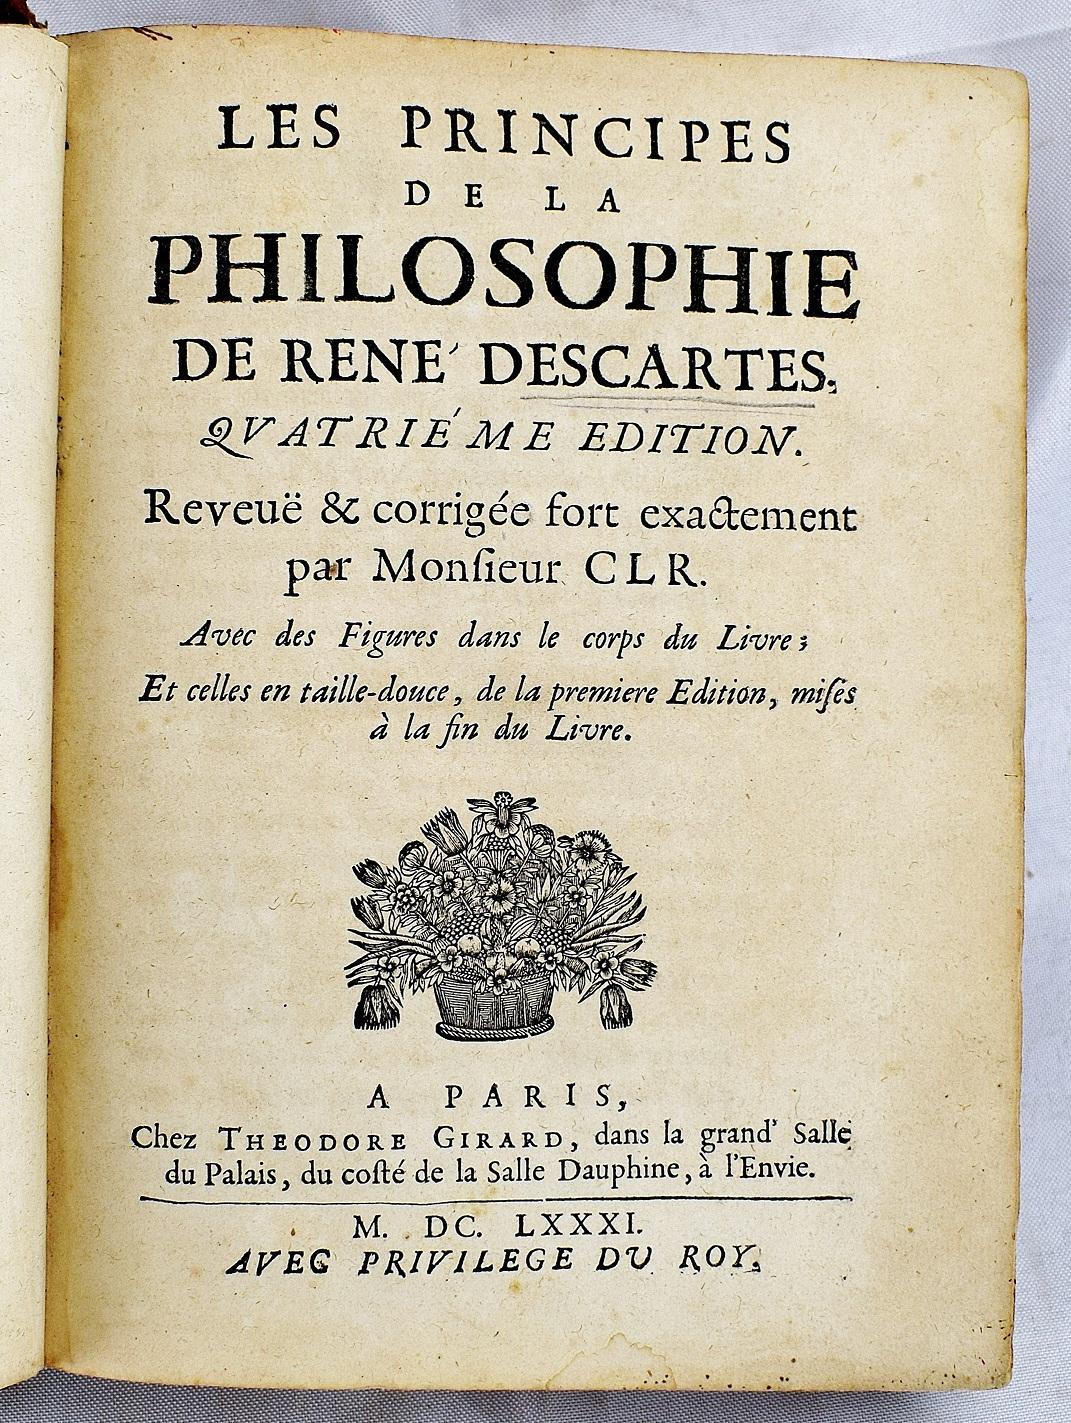 Descartes Principes De La Philosophie : descartes, principes, philosophie, Principes, Philosophie, Descartes:, Hardcover, (1681), Sequitur, Books